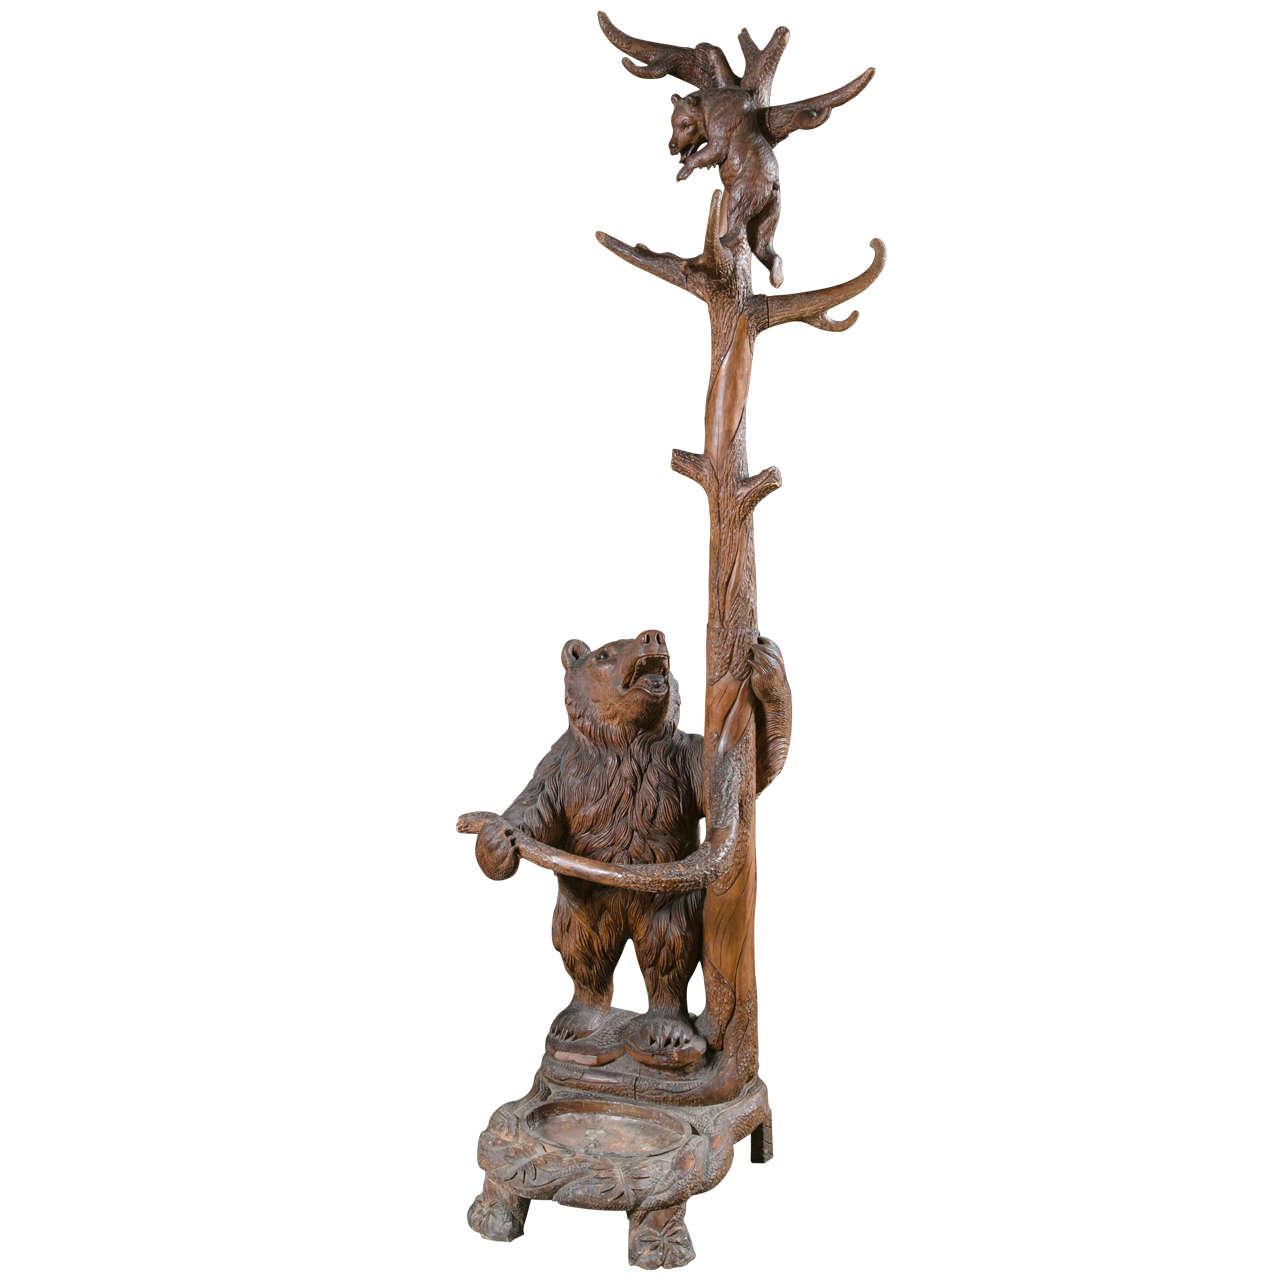 Black Forest Carved Bear Coat Rack Or Umbrella Stand For Sale